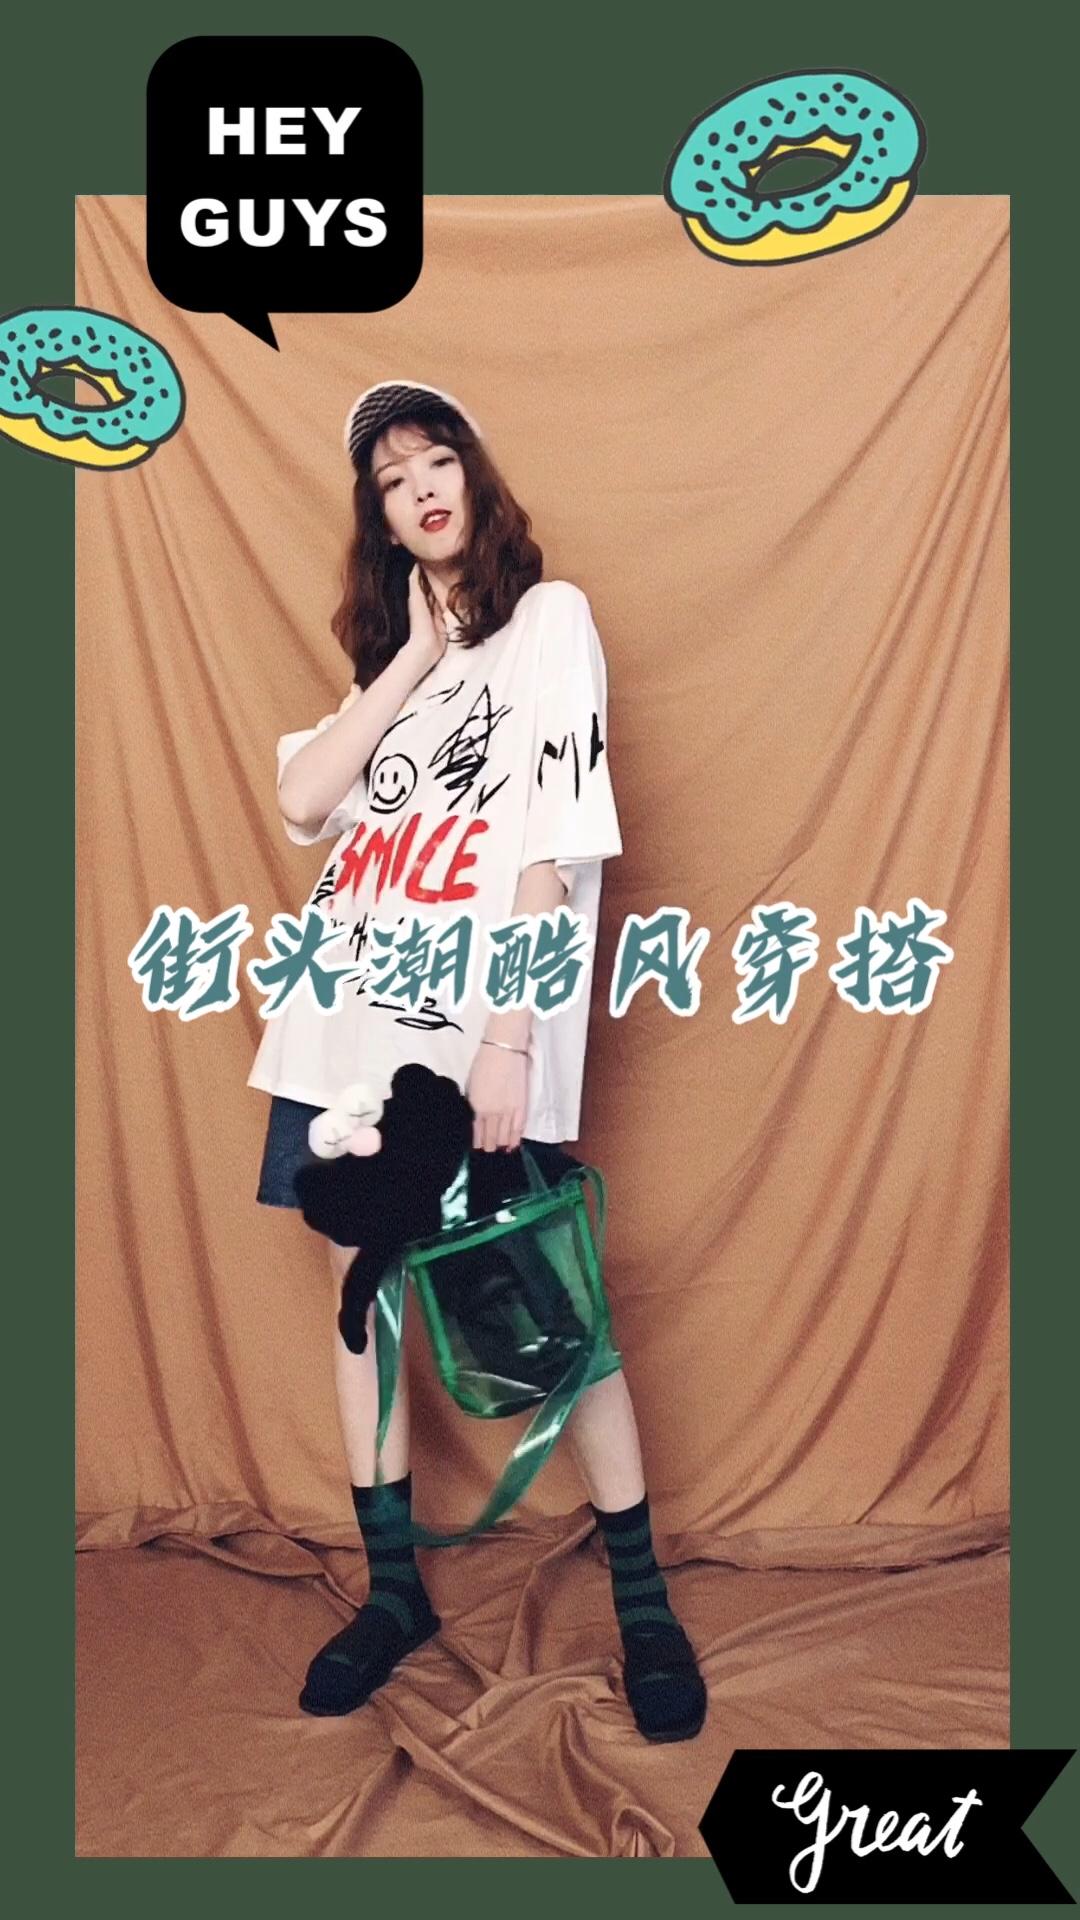 CC穿搭 这么简单的T恤牛仔裤穿搭,避免太过普通单调,大印花图案的T恤更为出众,长款宽松的版型十分舒适,下身搭配牛仔短裤,这样简单的搭配,需要其他配件去衬托,白色的鸭舌帽和衣服相呼应,黑色布娃娃装在绿色果冻包里十分可爱,绿黑条纹的长袜颜色上相呼应,这样的搭配十分独特可爱哟